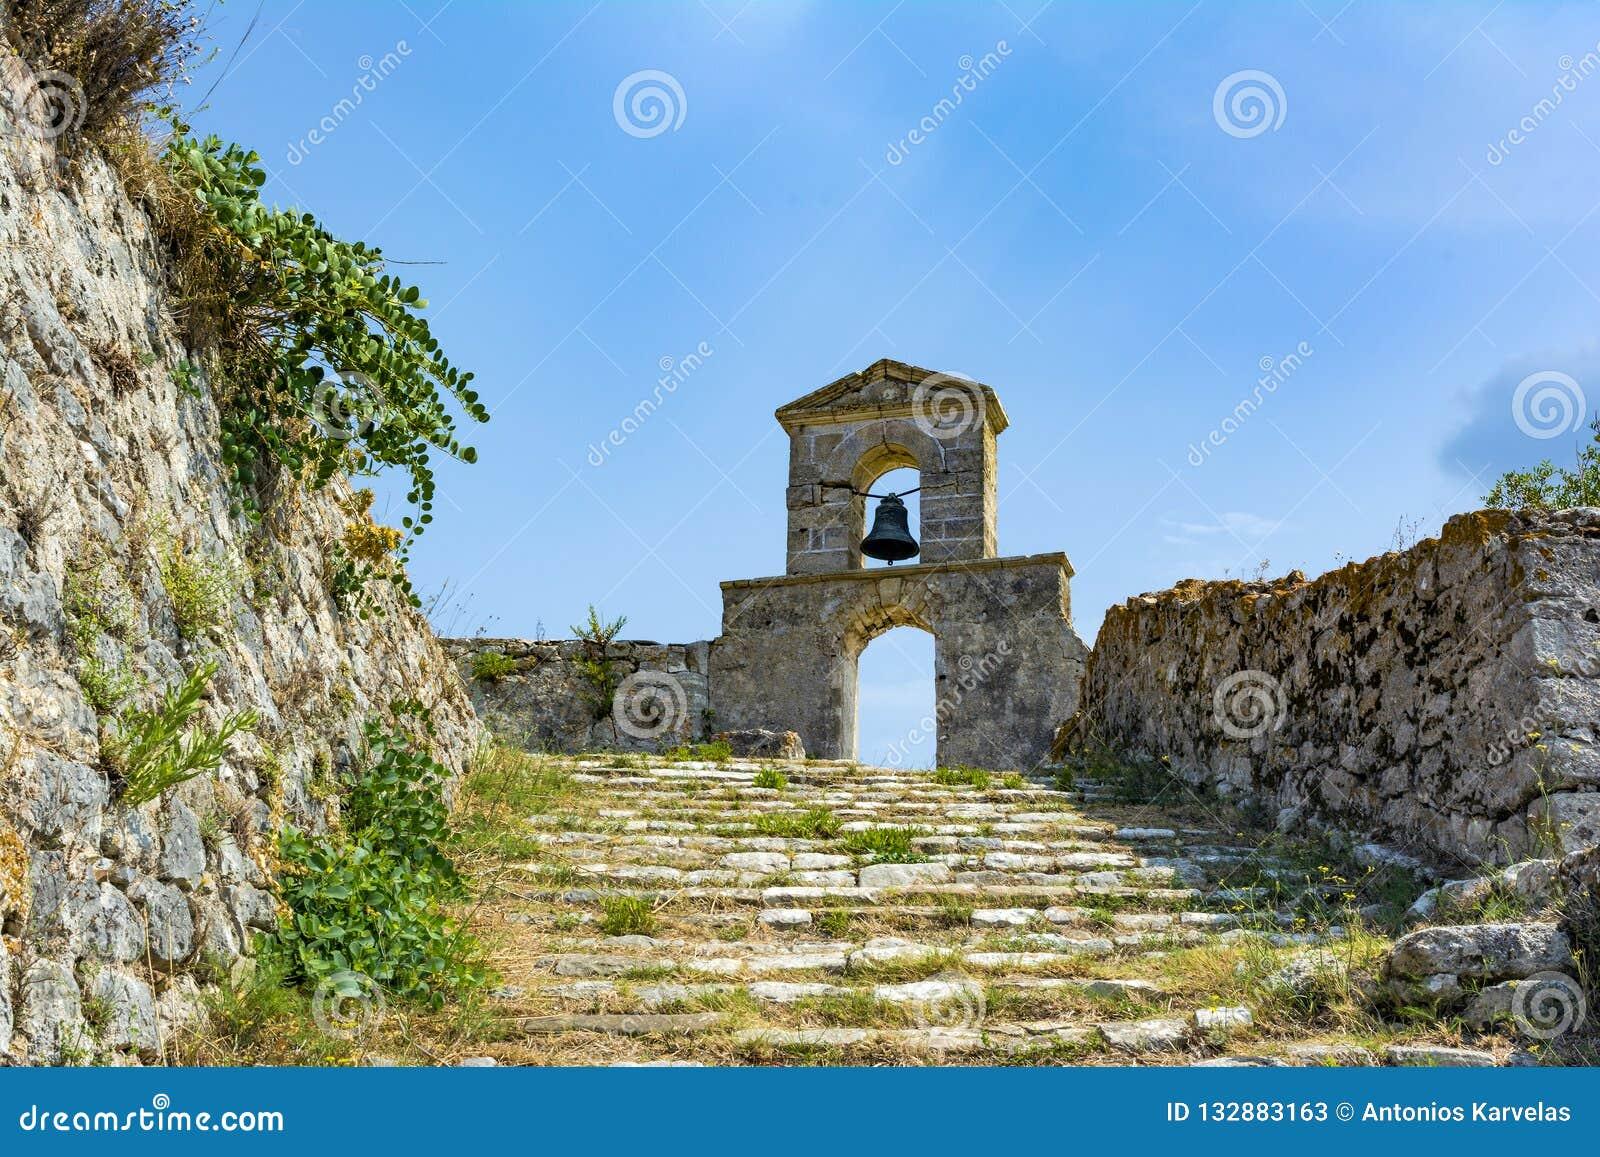 Capilla ortodoxa en el castillo veneciano de Agia Maura - isla griega de Lefkada